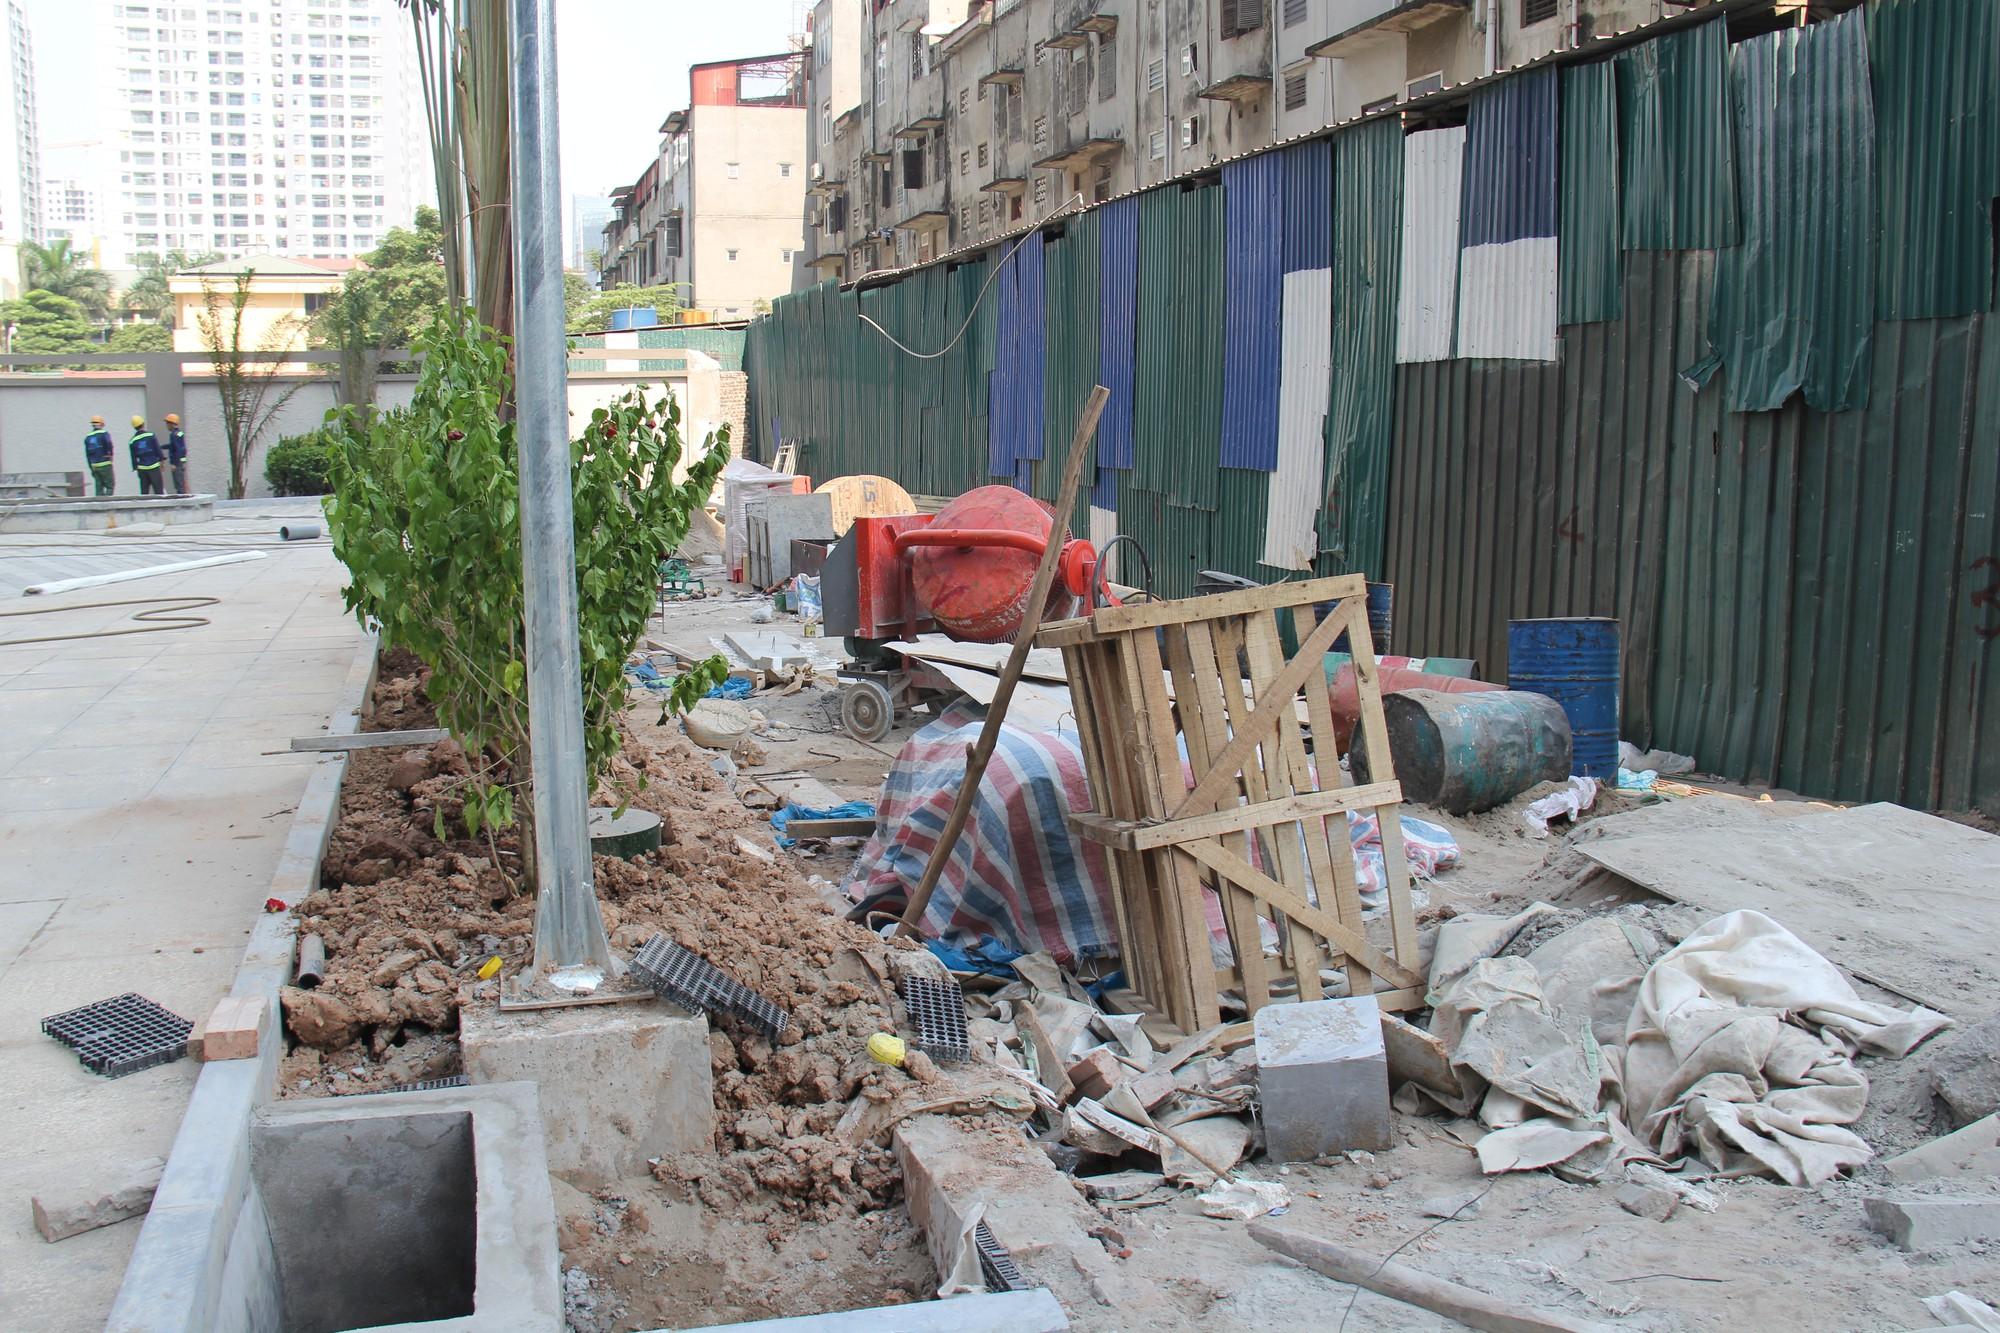 Dự án chung cư ép khách hàng nhận căn hộ khi chưa đủ điều kiện bàn giao - Ảnh 1.